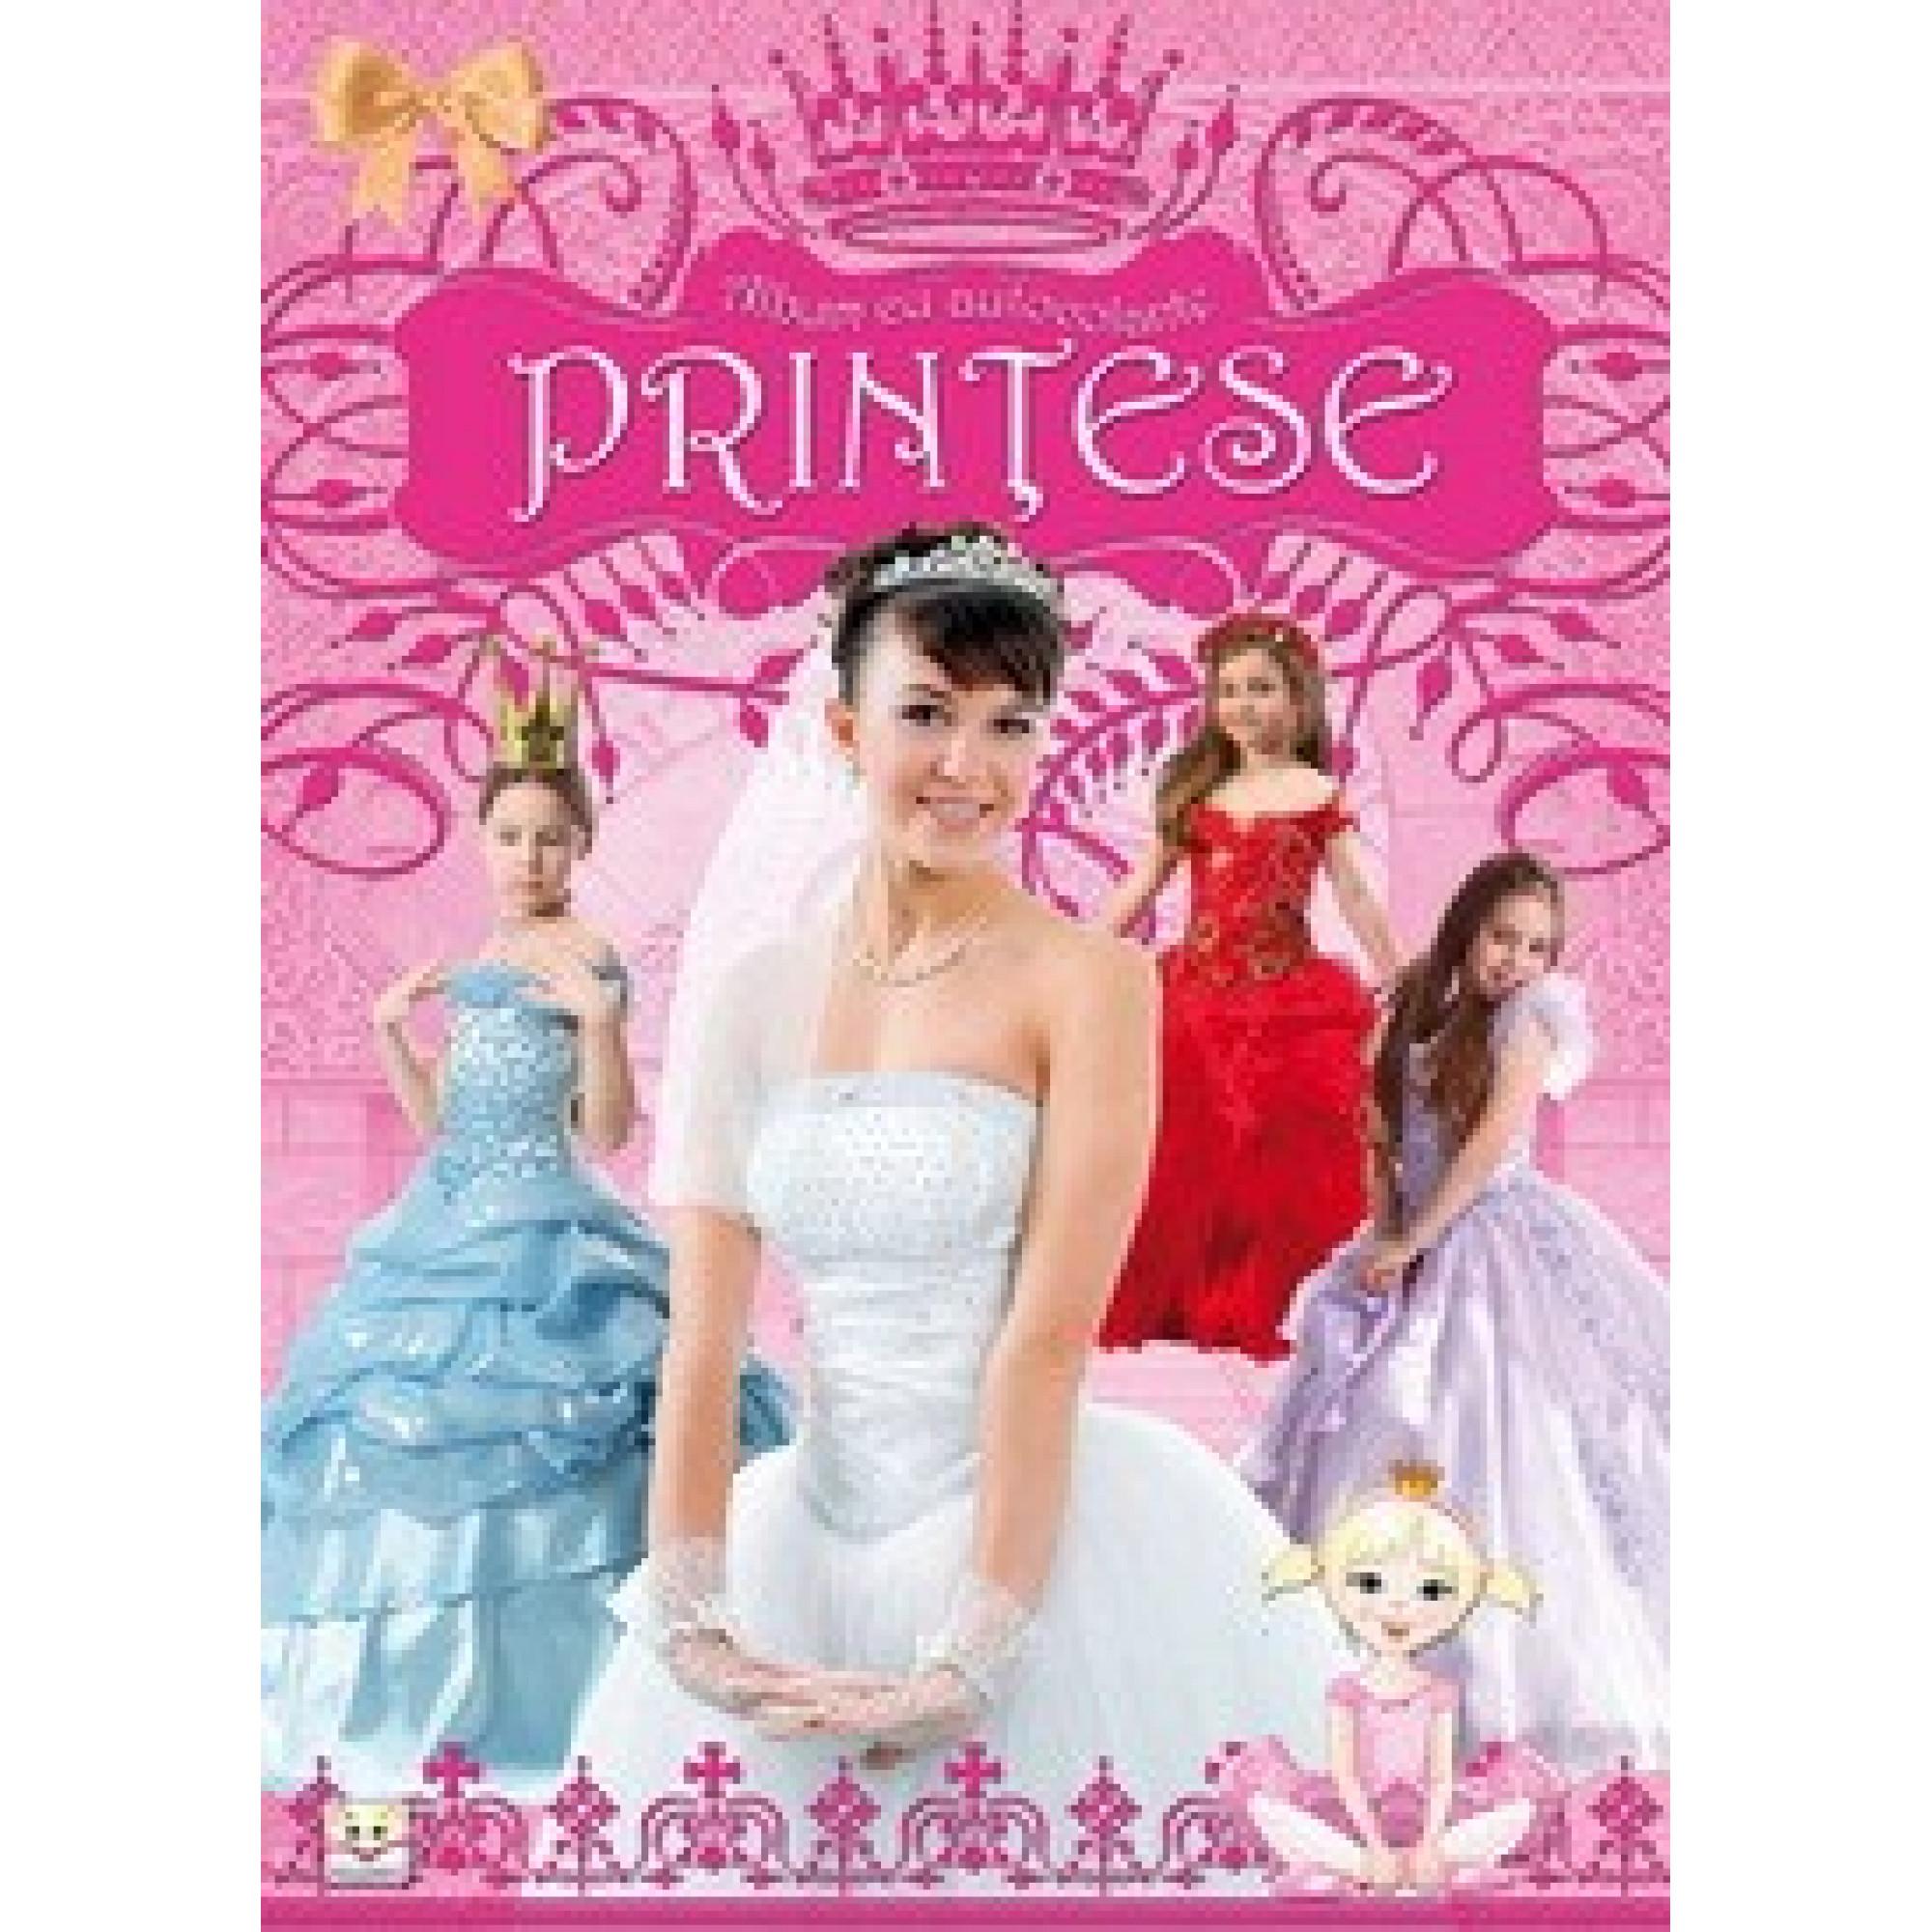 Prințese - Album cu autocolante